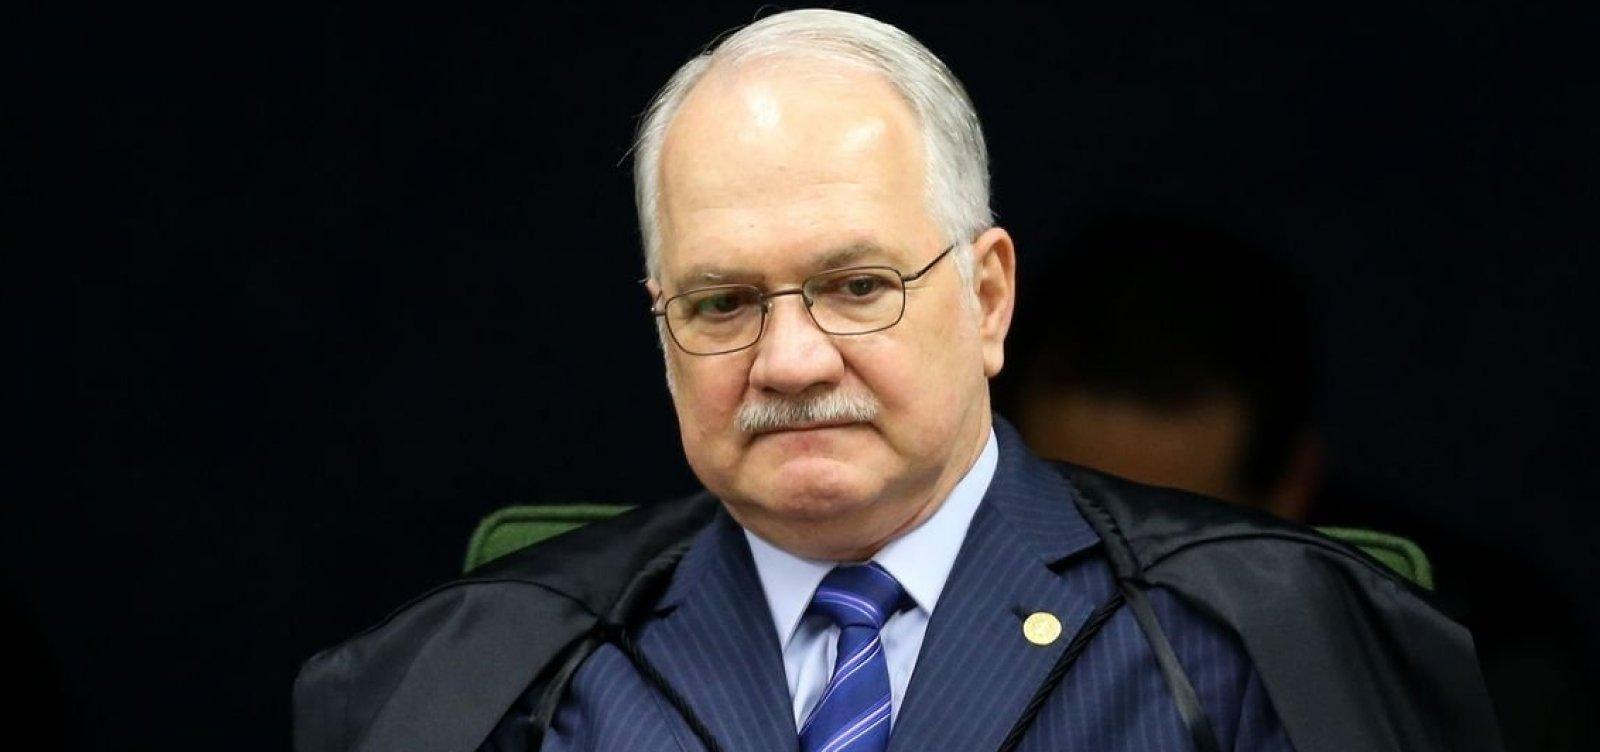 Fachin critica pressão de militares sobre STF: 'Intolerável e inaceitável'